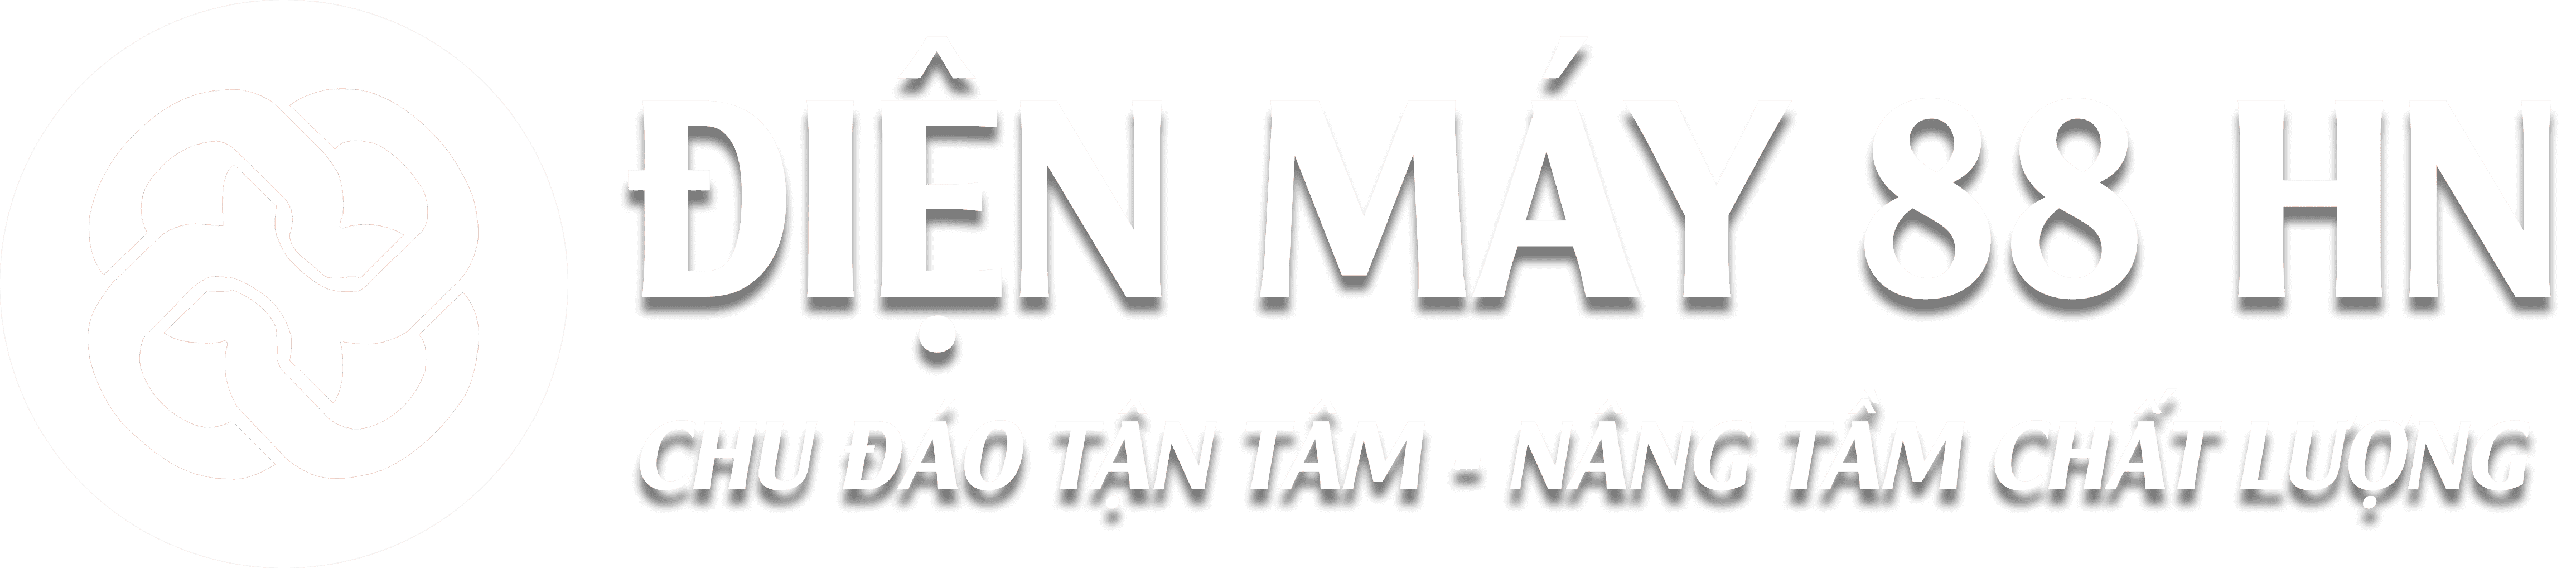 Điện Máy 88 HN